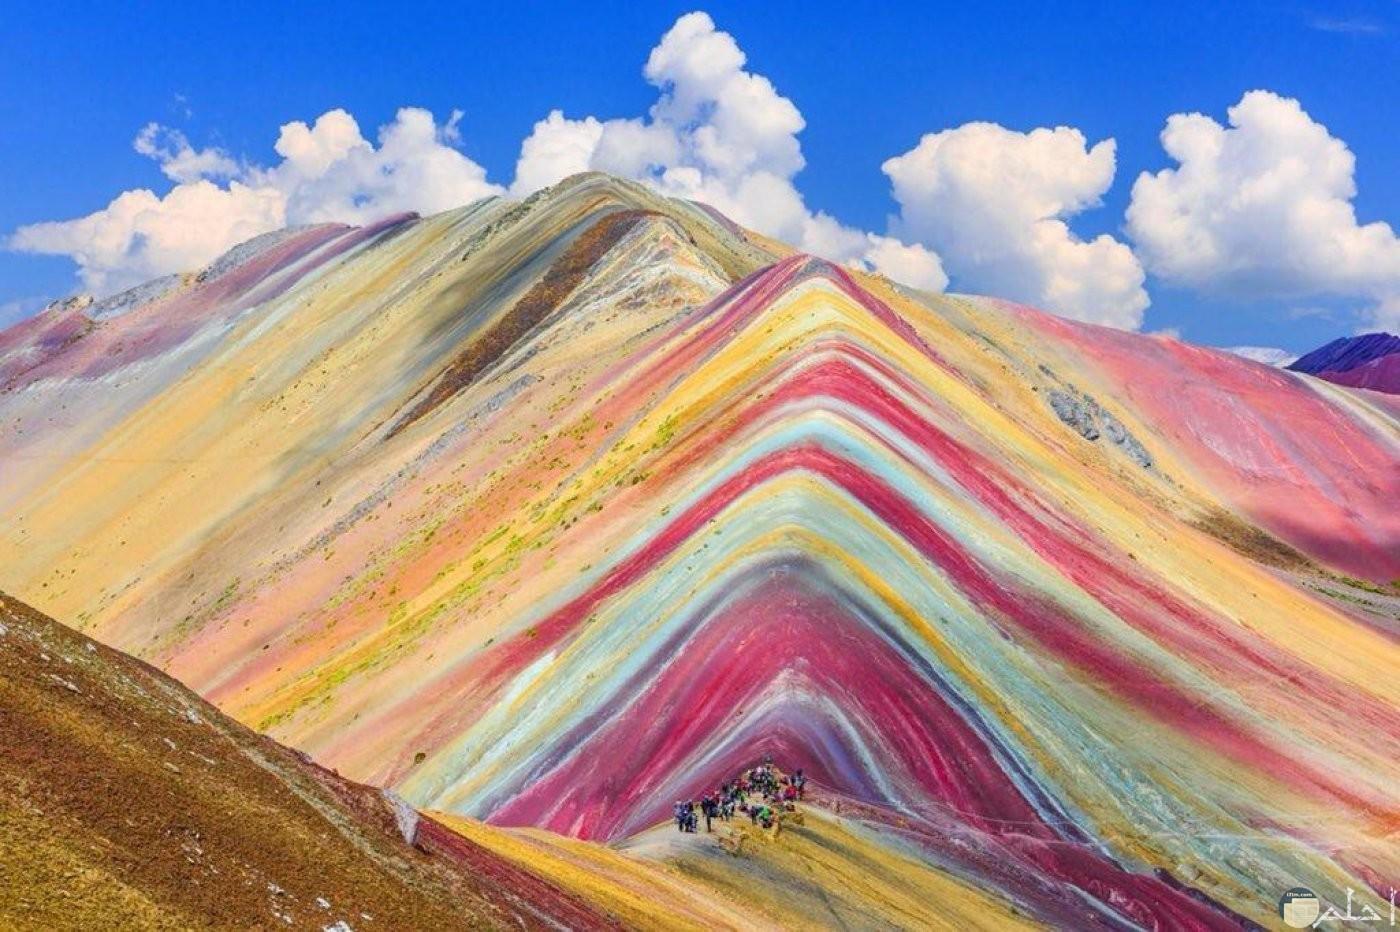 جبال الصين الملونة الجميلة.